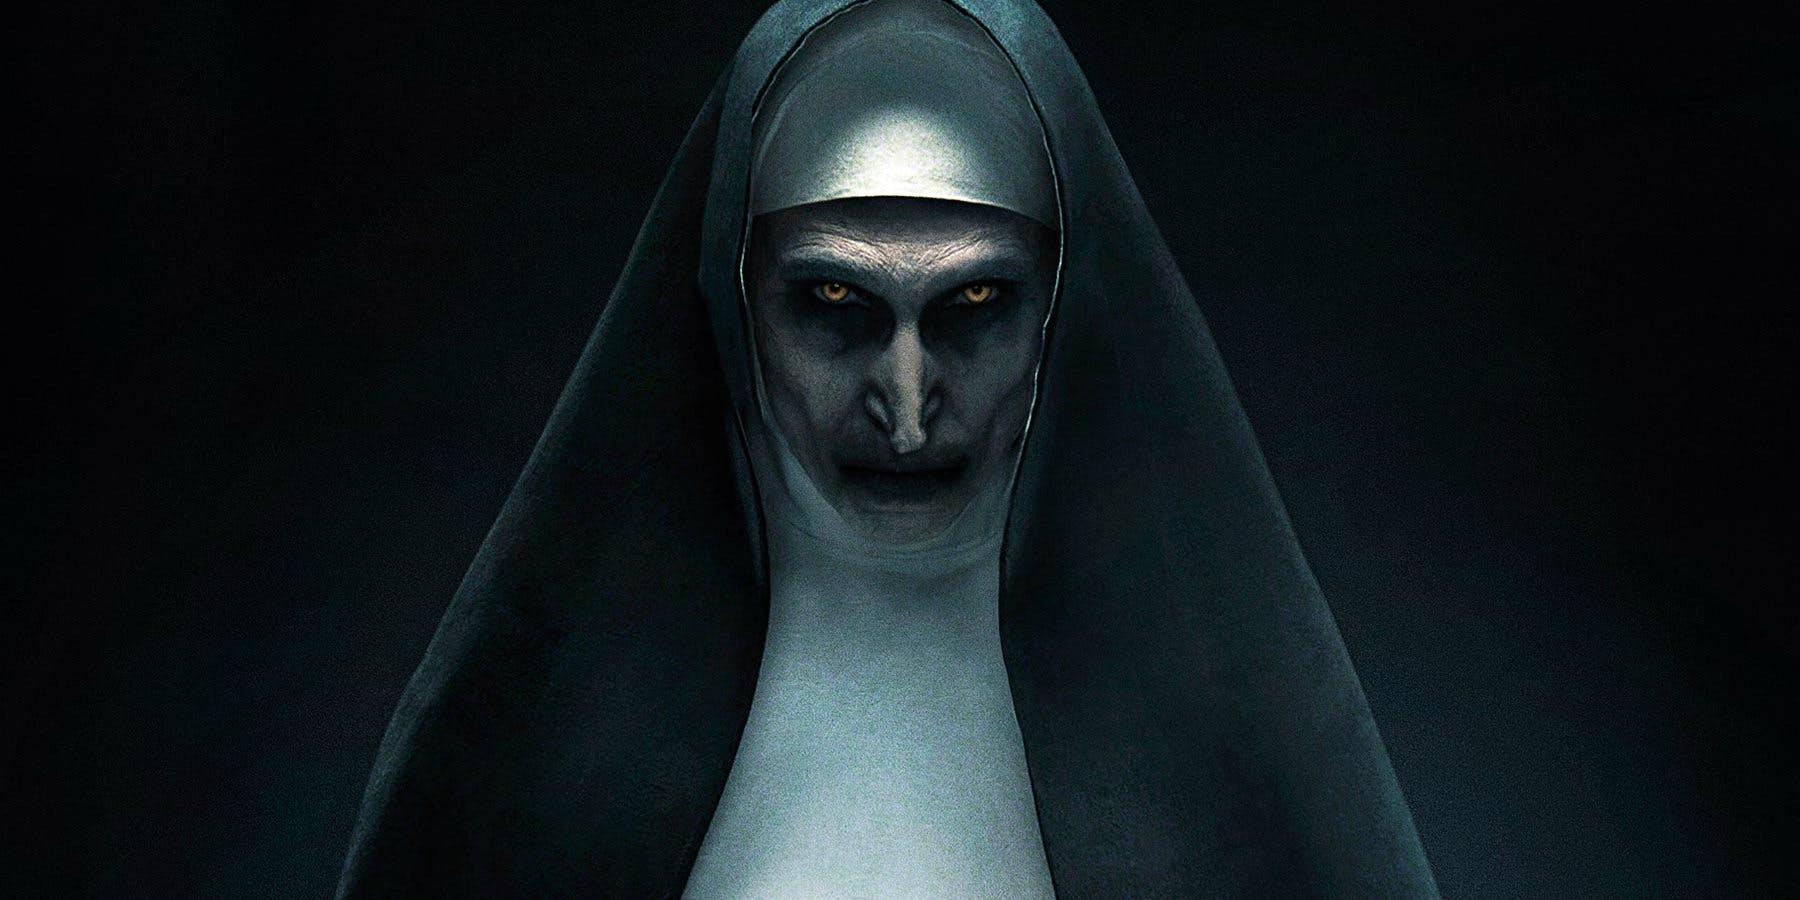 Nya skräckfilmen gör skräckinjagande bioöppning